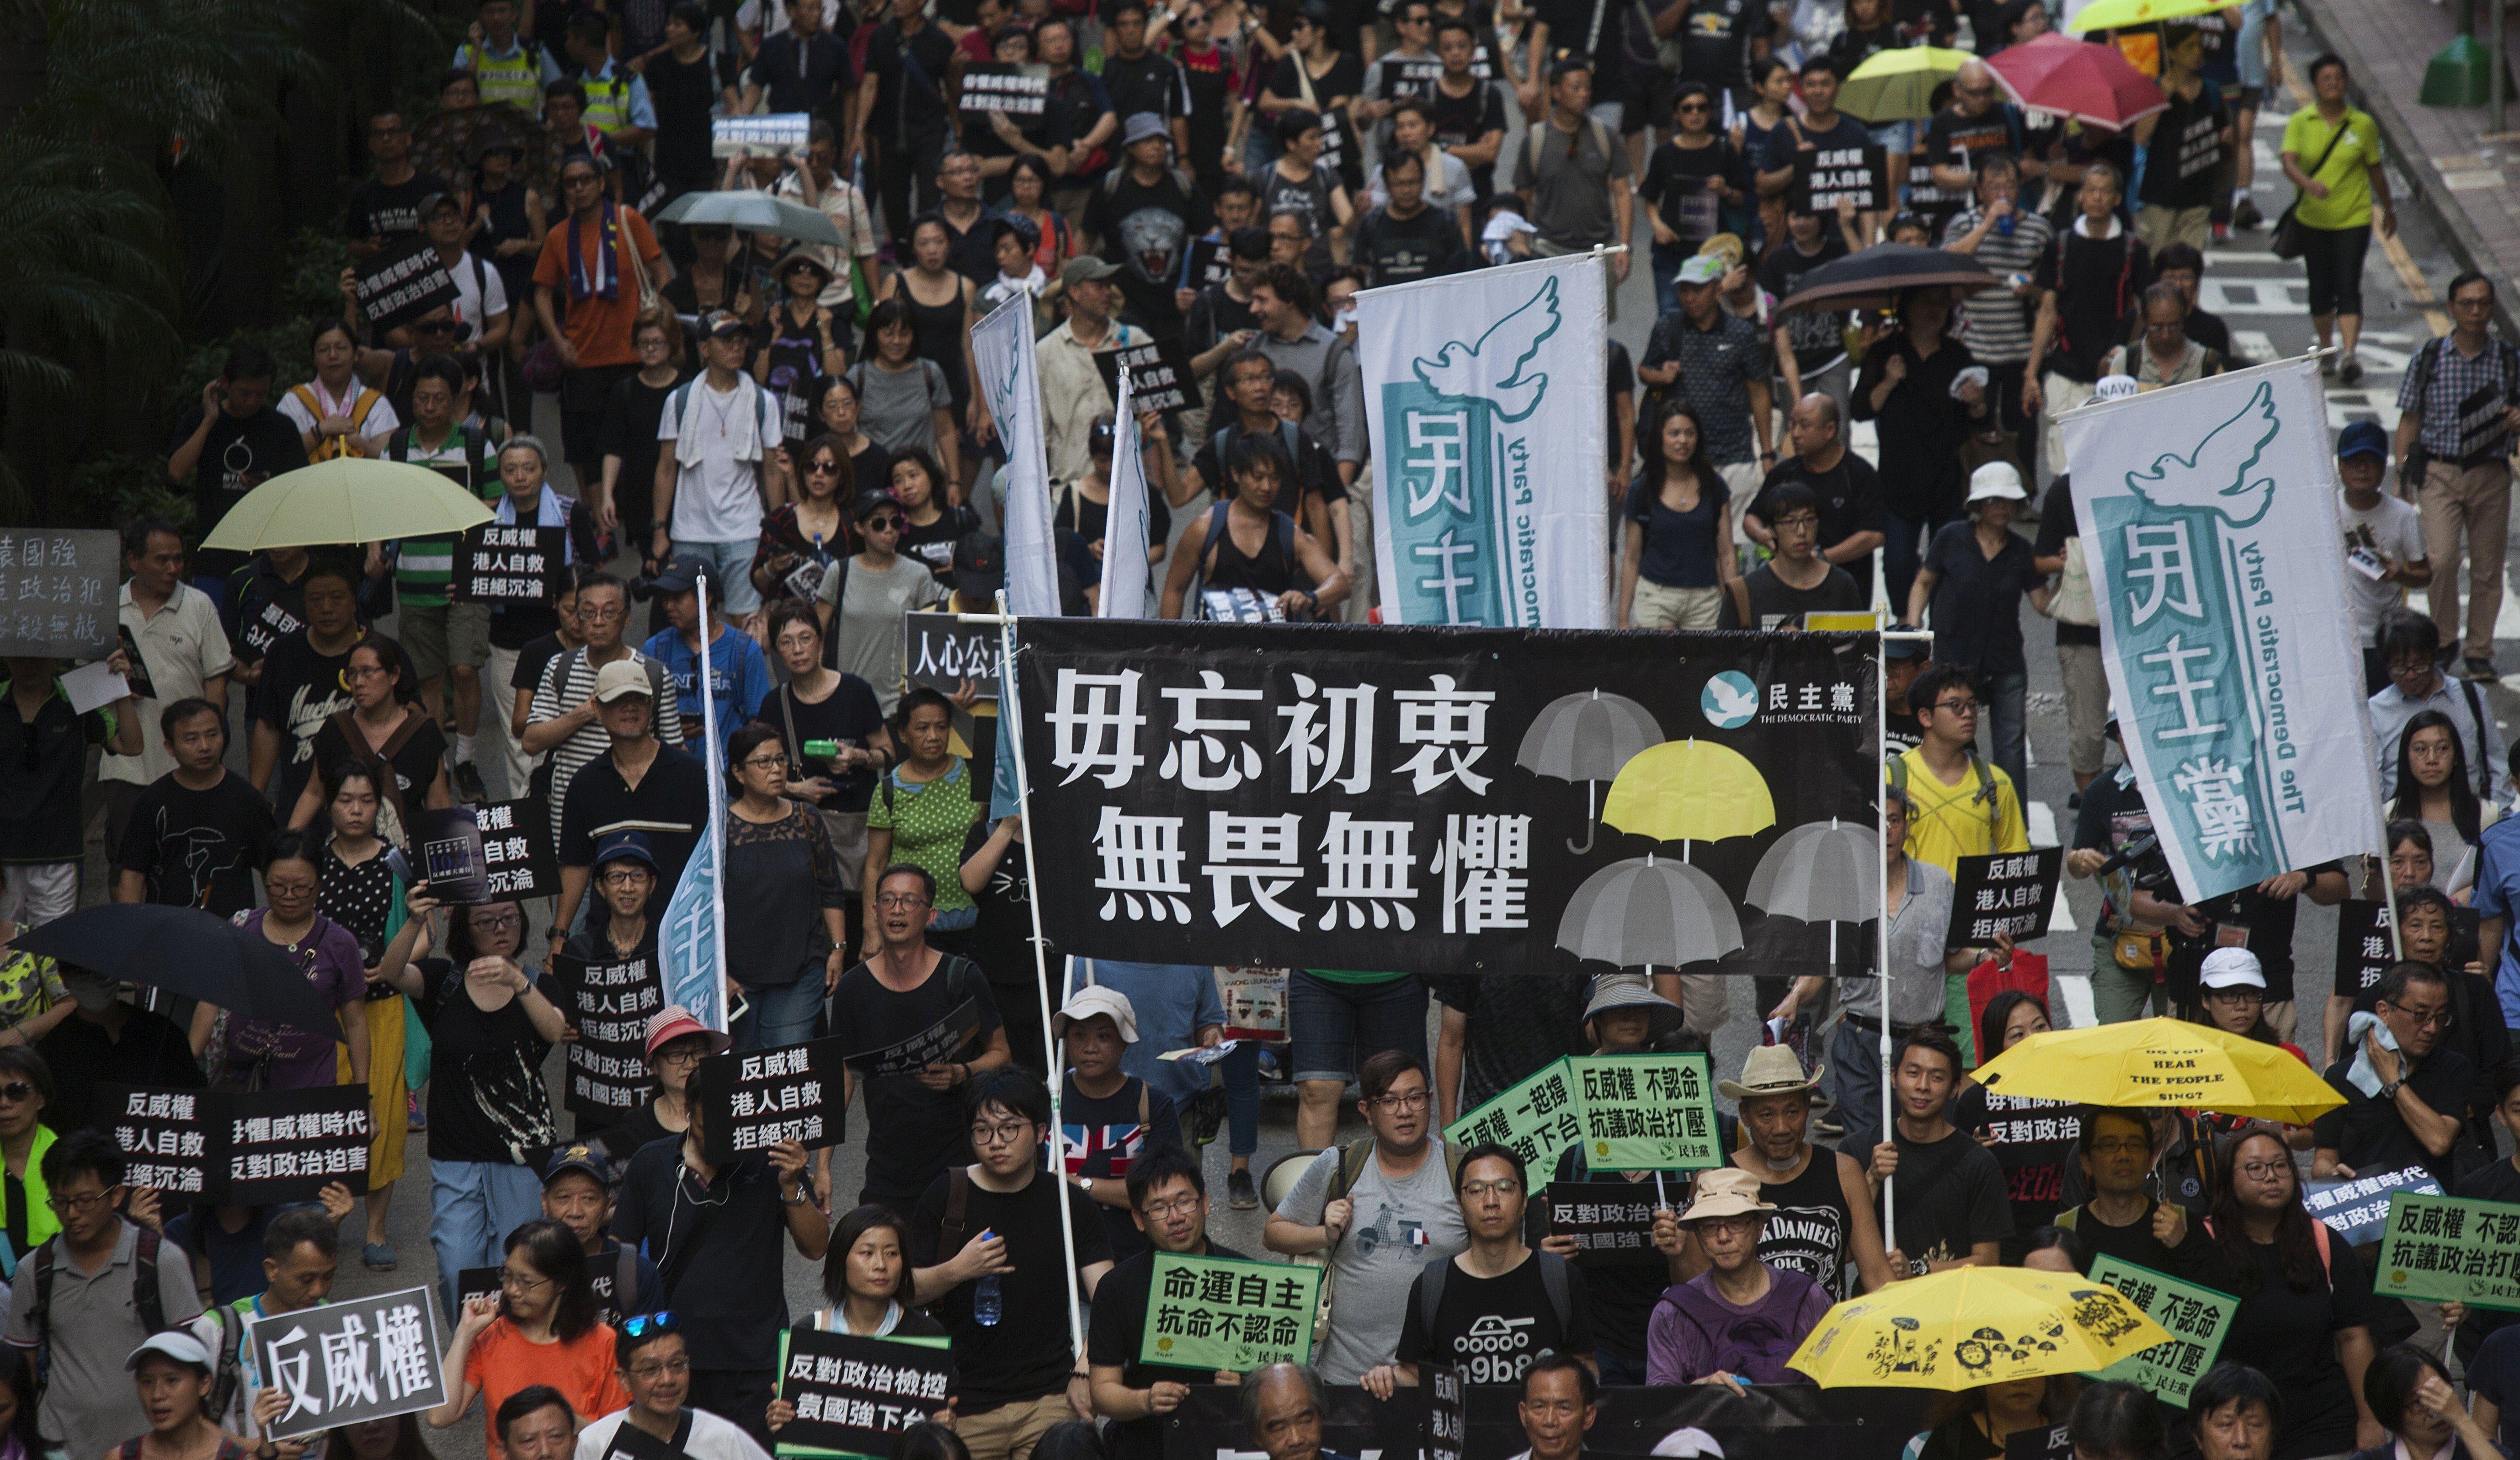 Deseci tisuća ljudi prosvjedovali za vladavinu prava u Hong Kongu protiv Kine